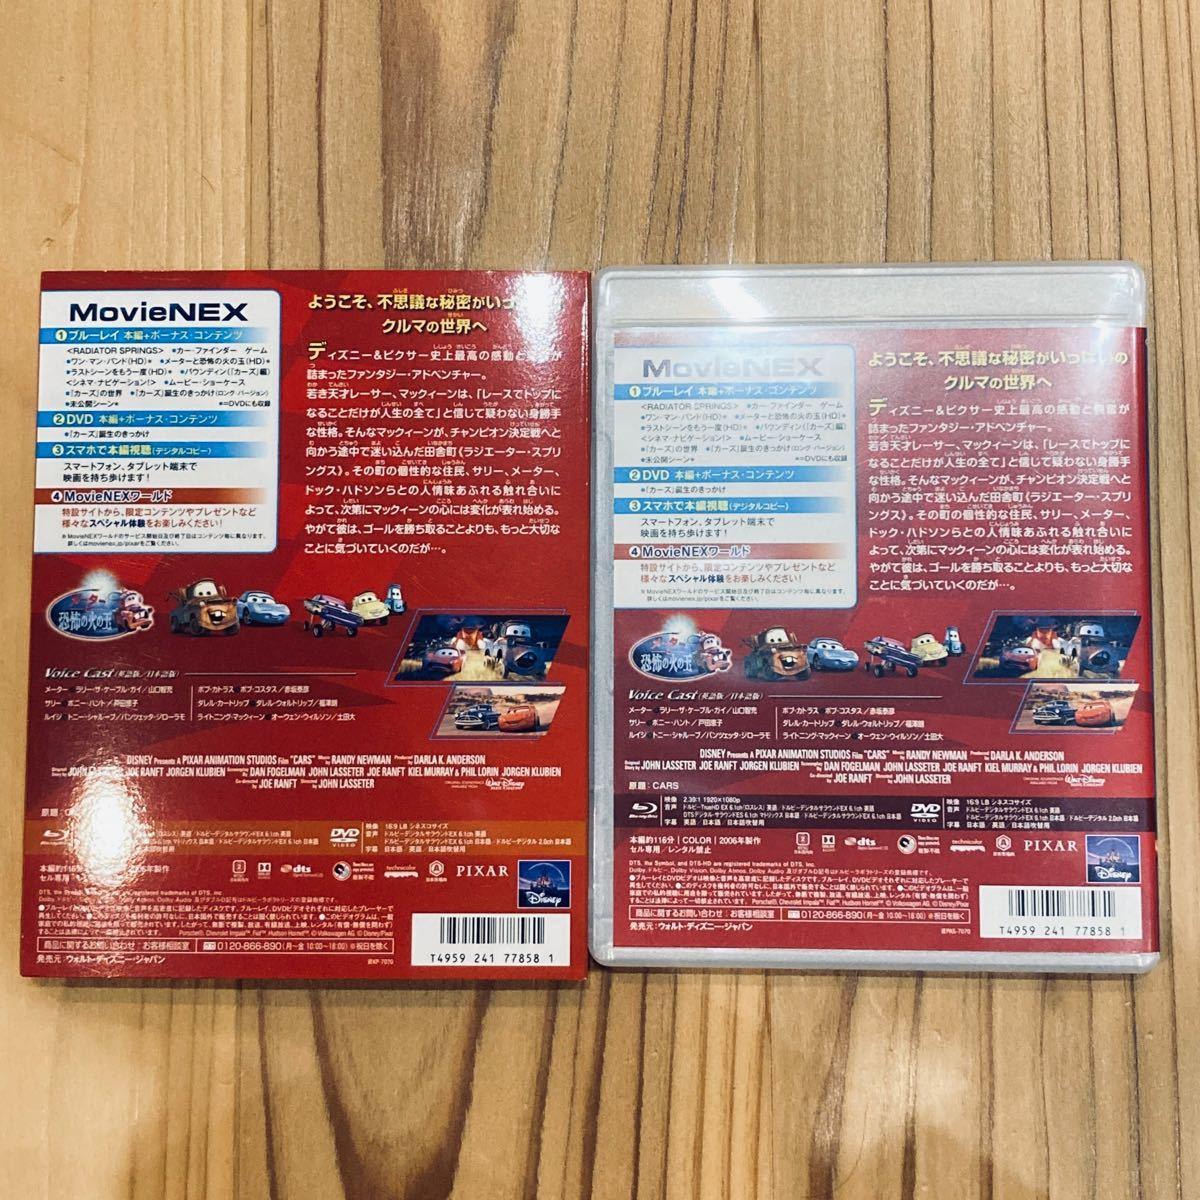 カーズ ディズニー ディズニーピクサー カーズDVD ブルーレイ Disney ディズニーDVD Blu-ray